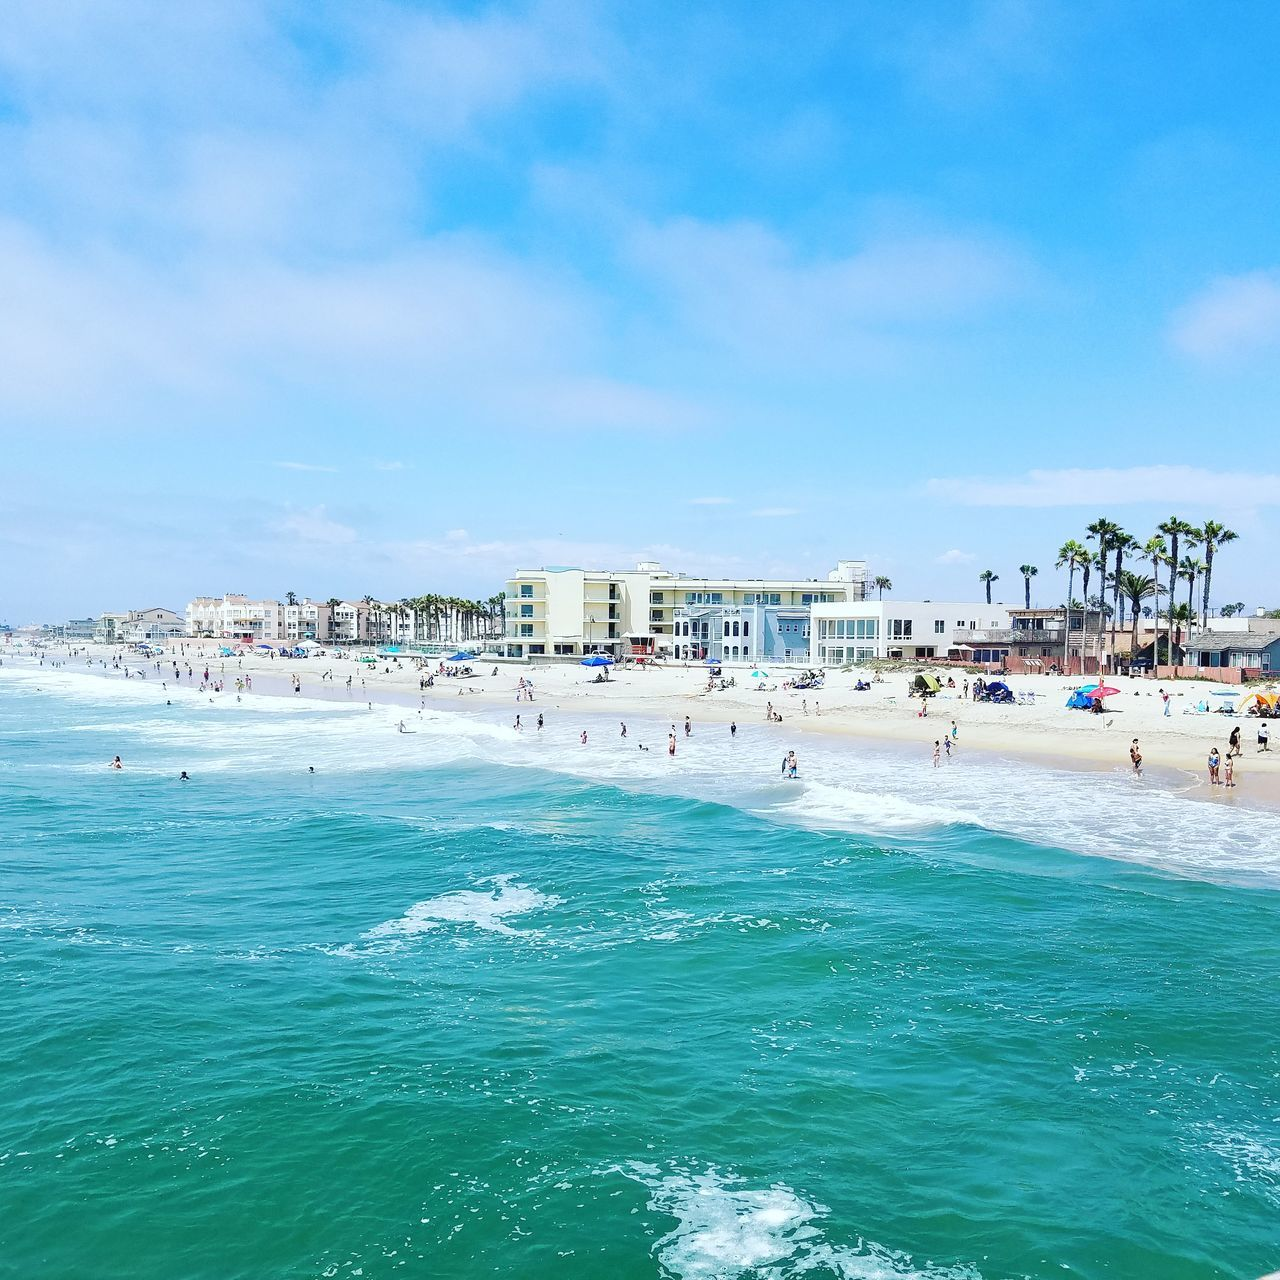 Imperial Beach San Diego san diego beaches United States California Beaches california beaches